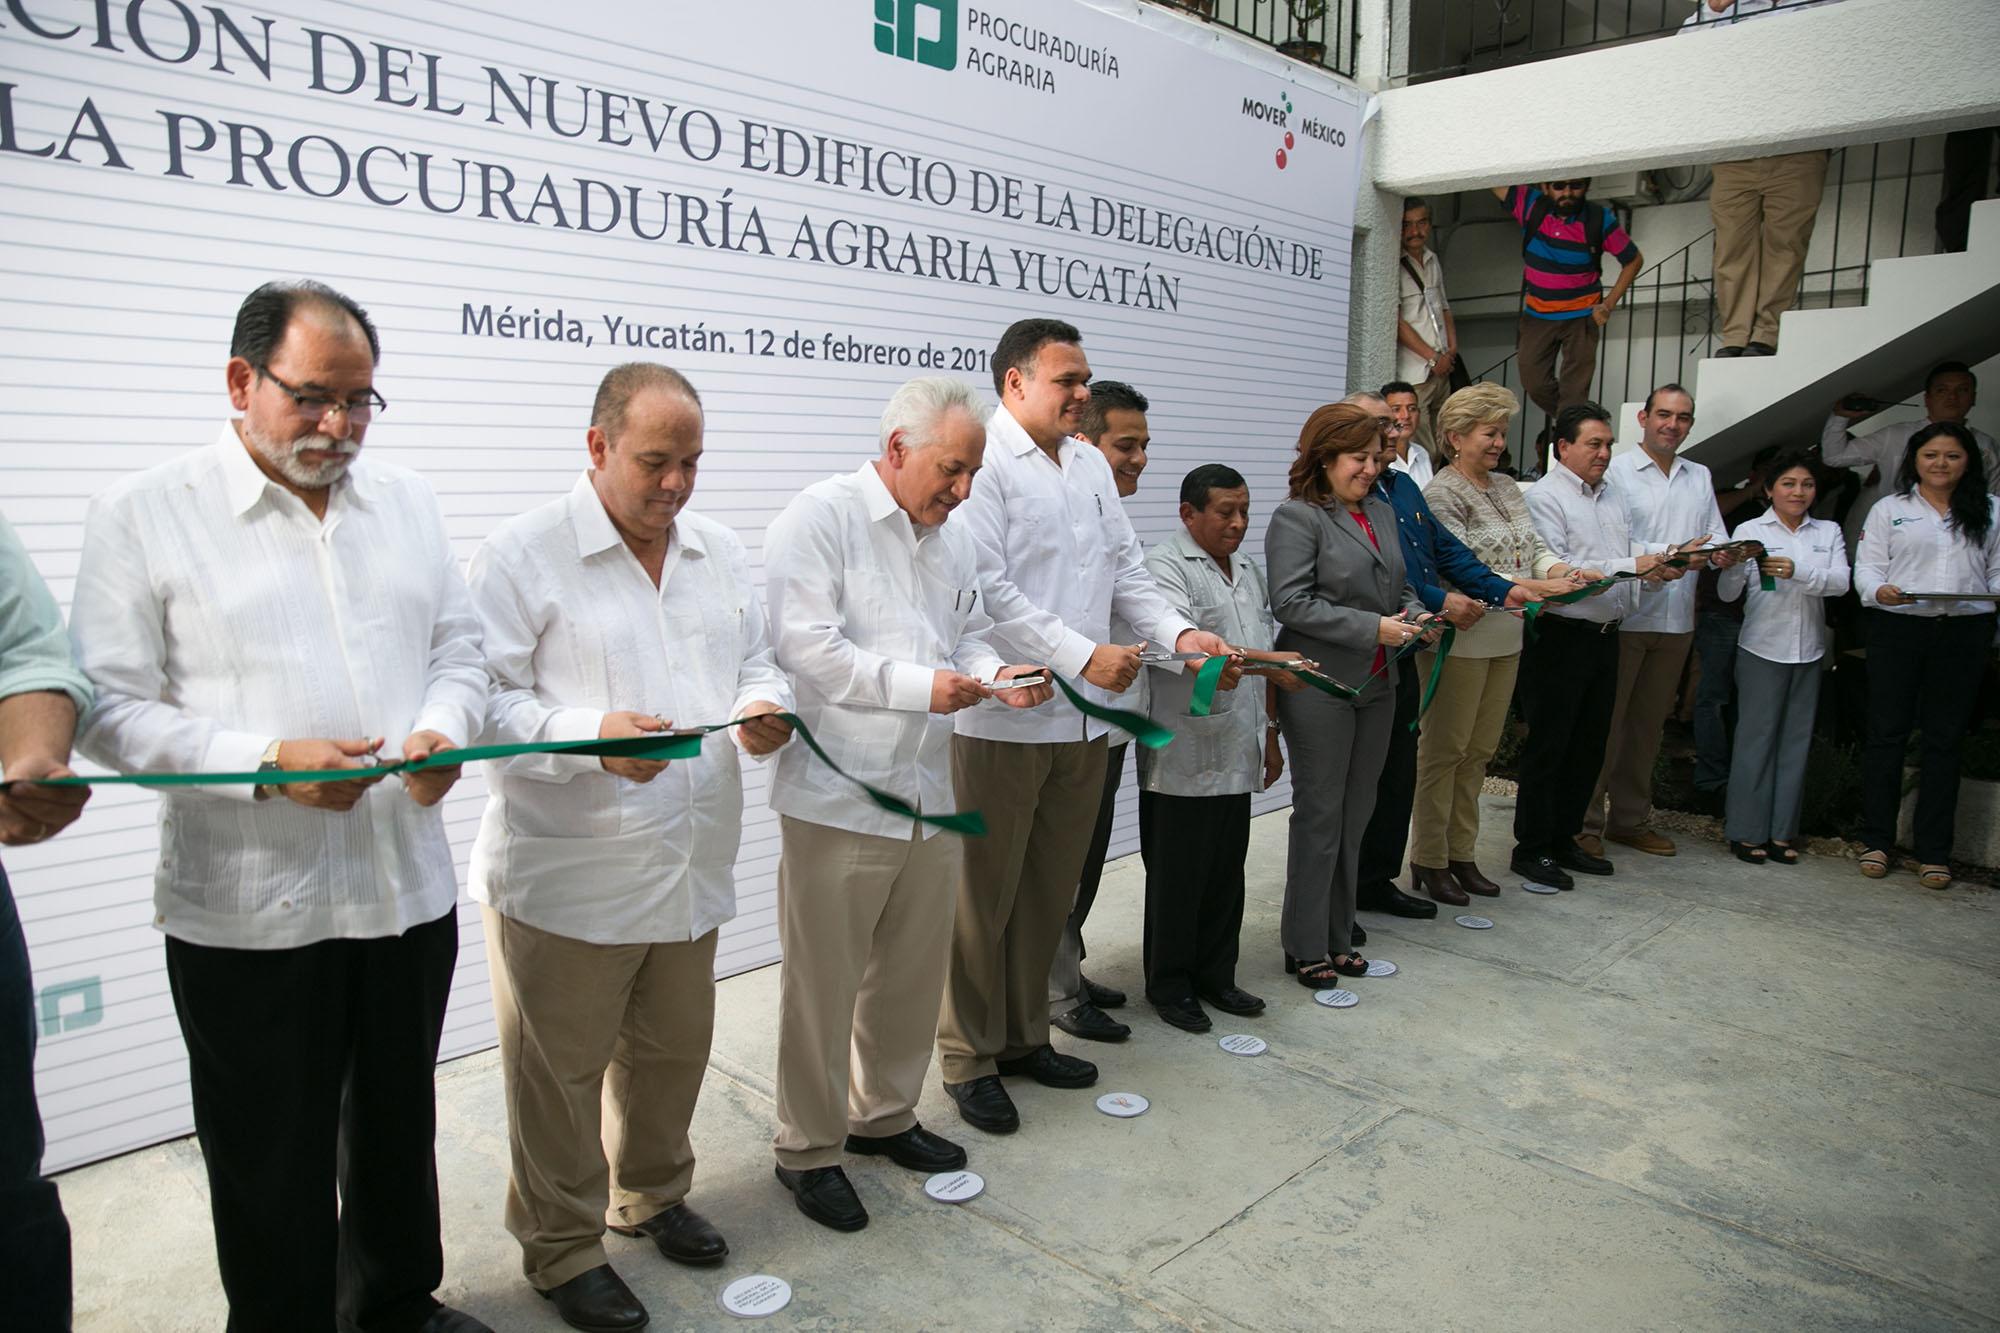 Inauguran nuevo edificio de delegación de Procuraduría Agraria en Yucatán